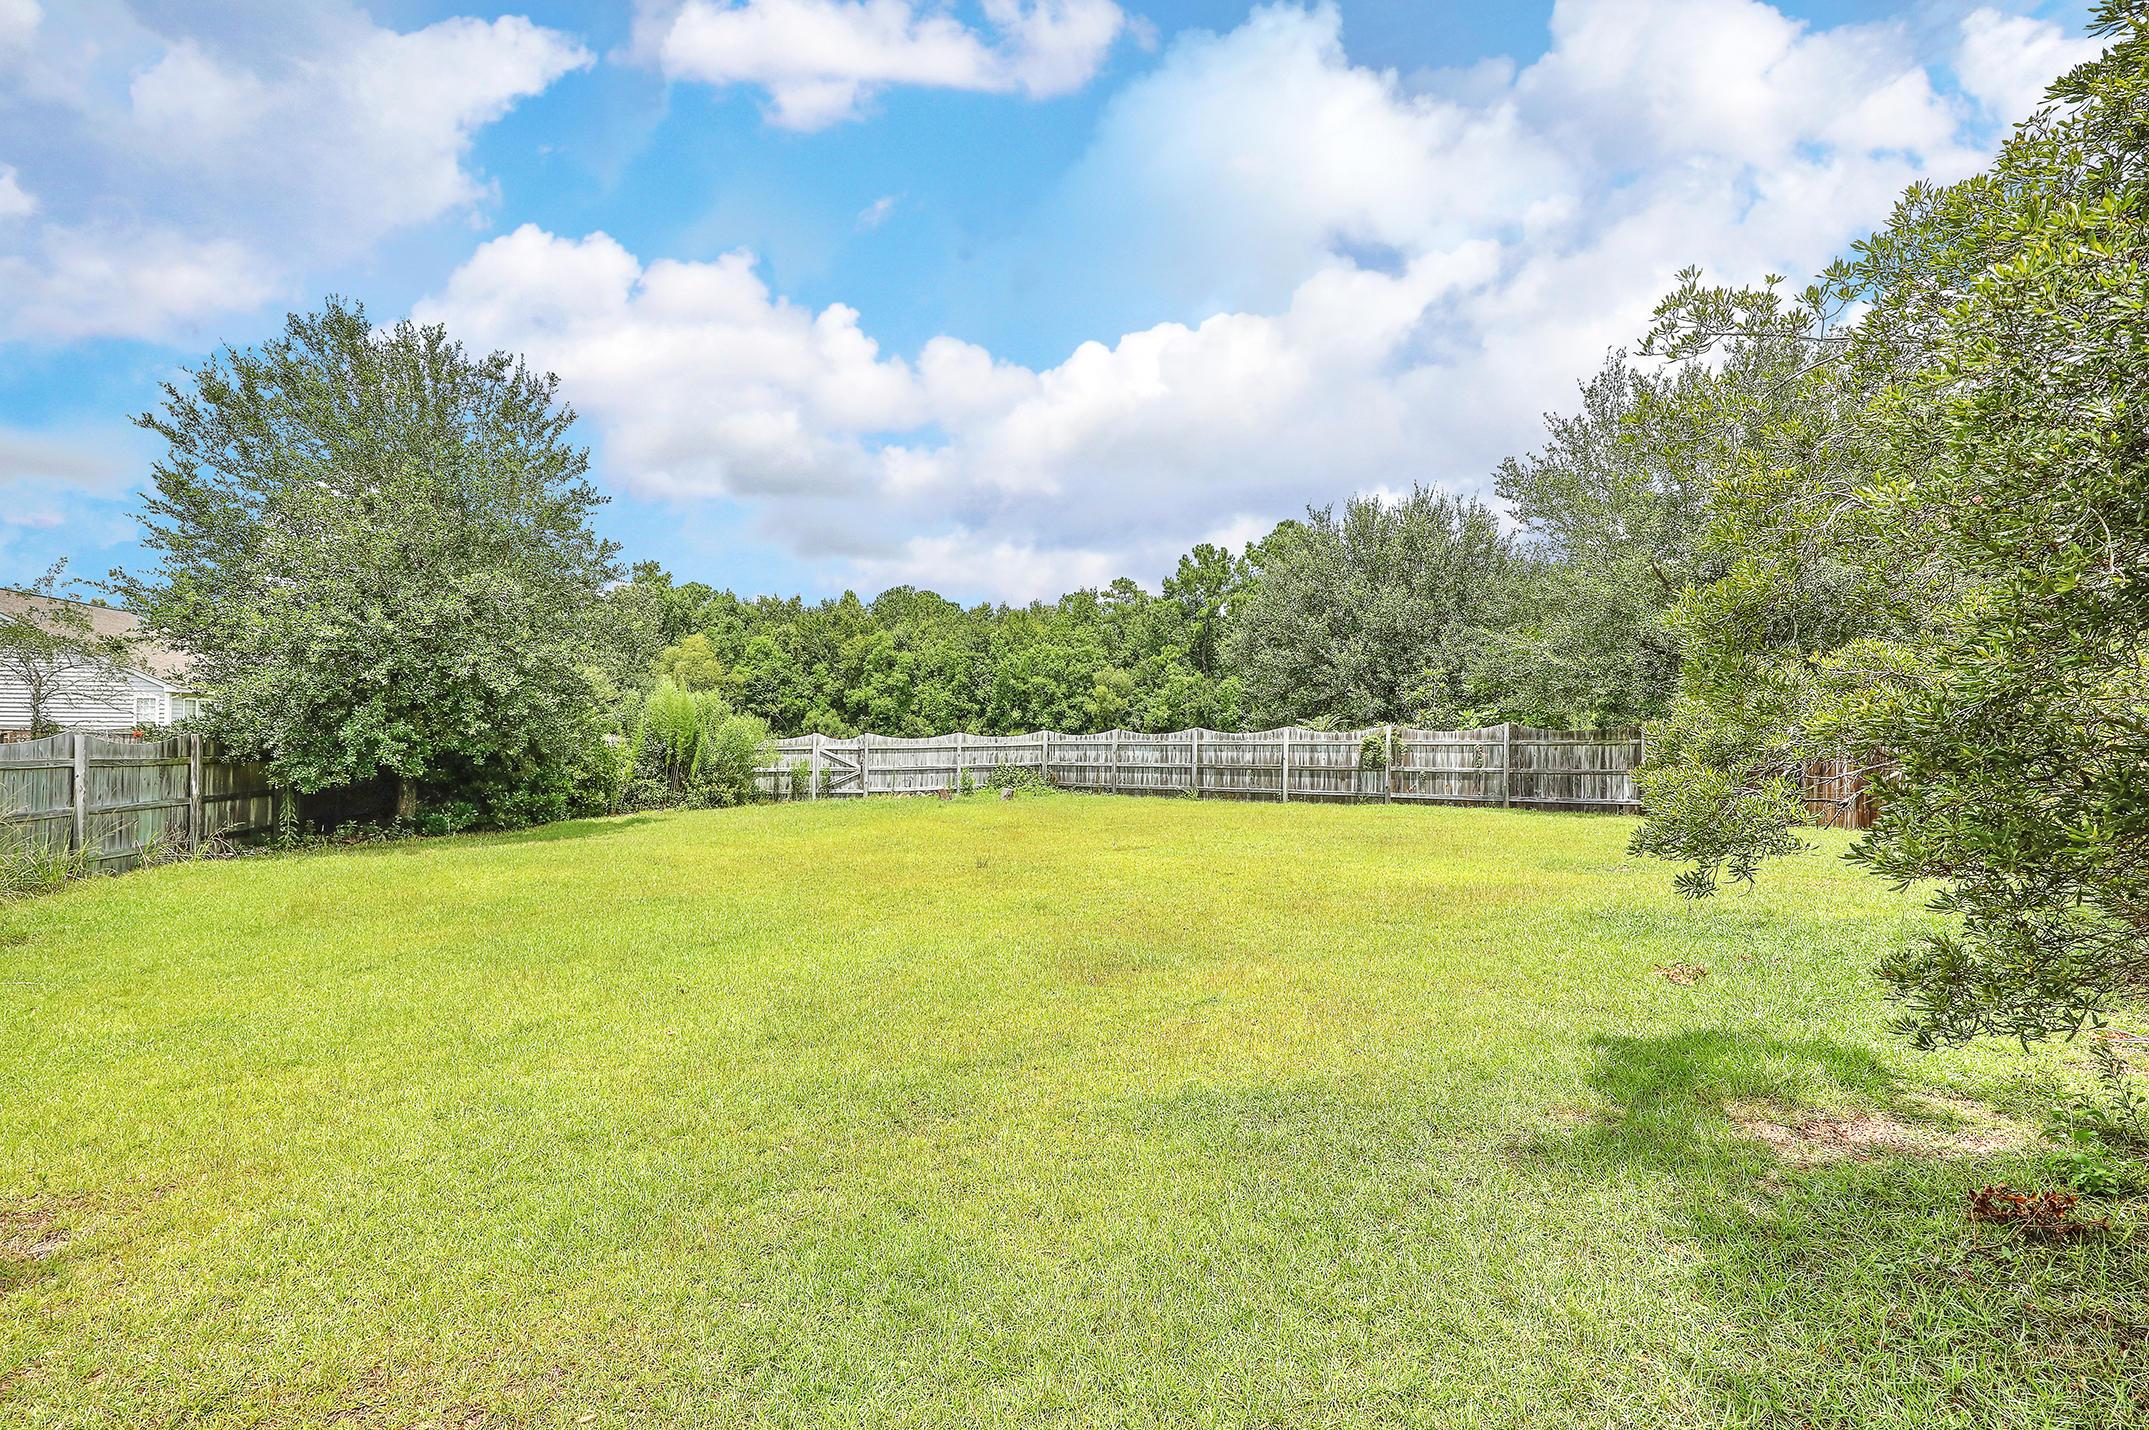 Park West Homes For Sale - 1676 Jorrington, Mount Pleasant, SC - 3